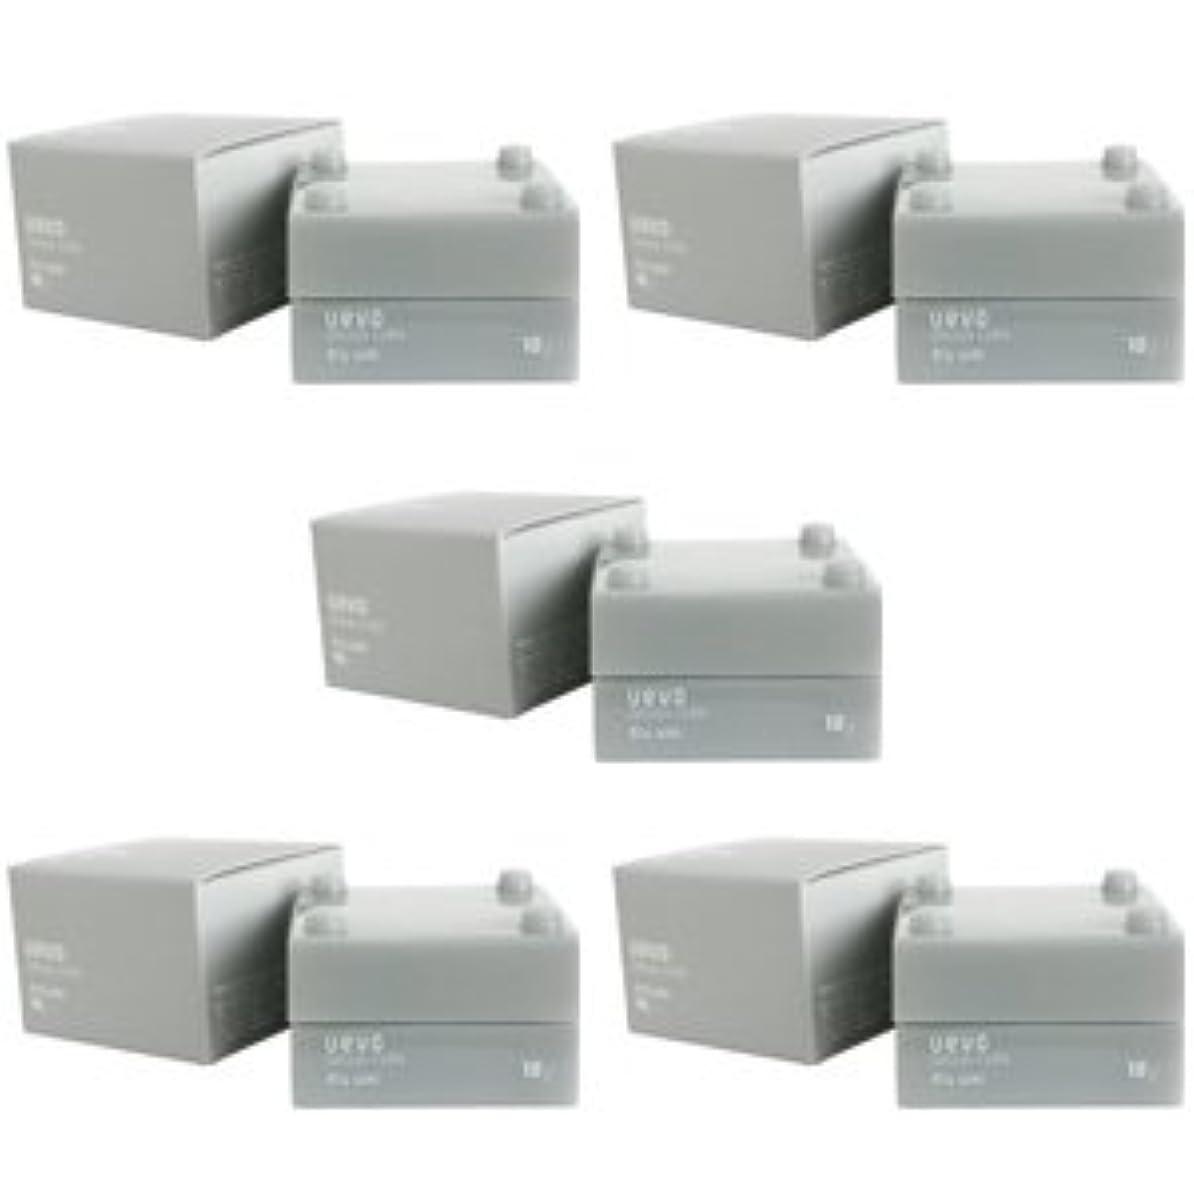 二符号持っている【X5個セット】 デミ ウェーボ デザインキューブ ドライワックス 30g dry wax DEMI uevo design cube